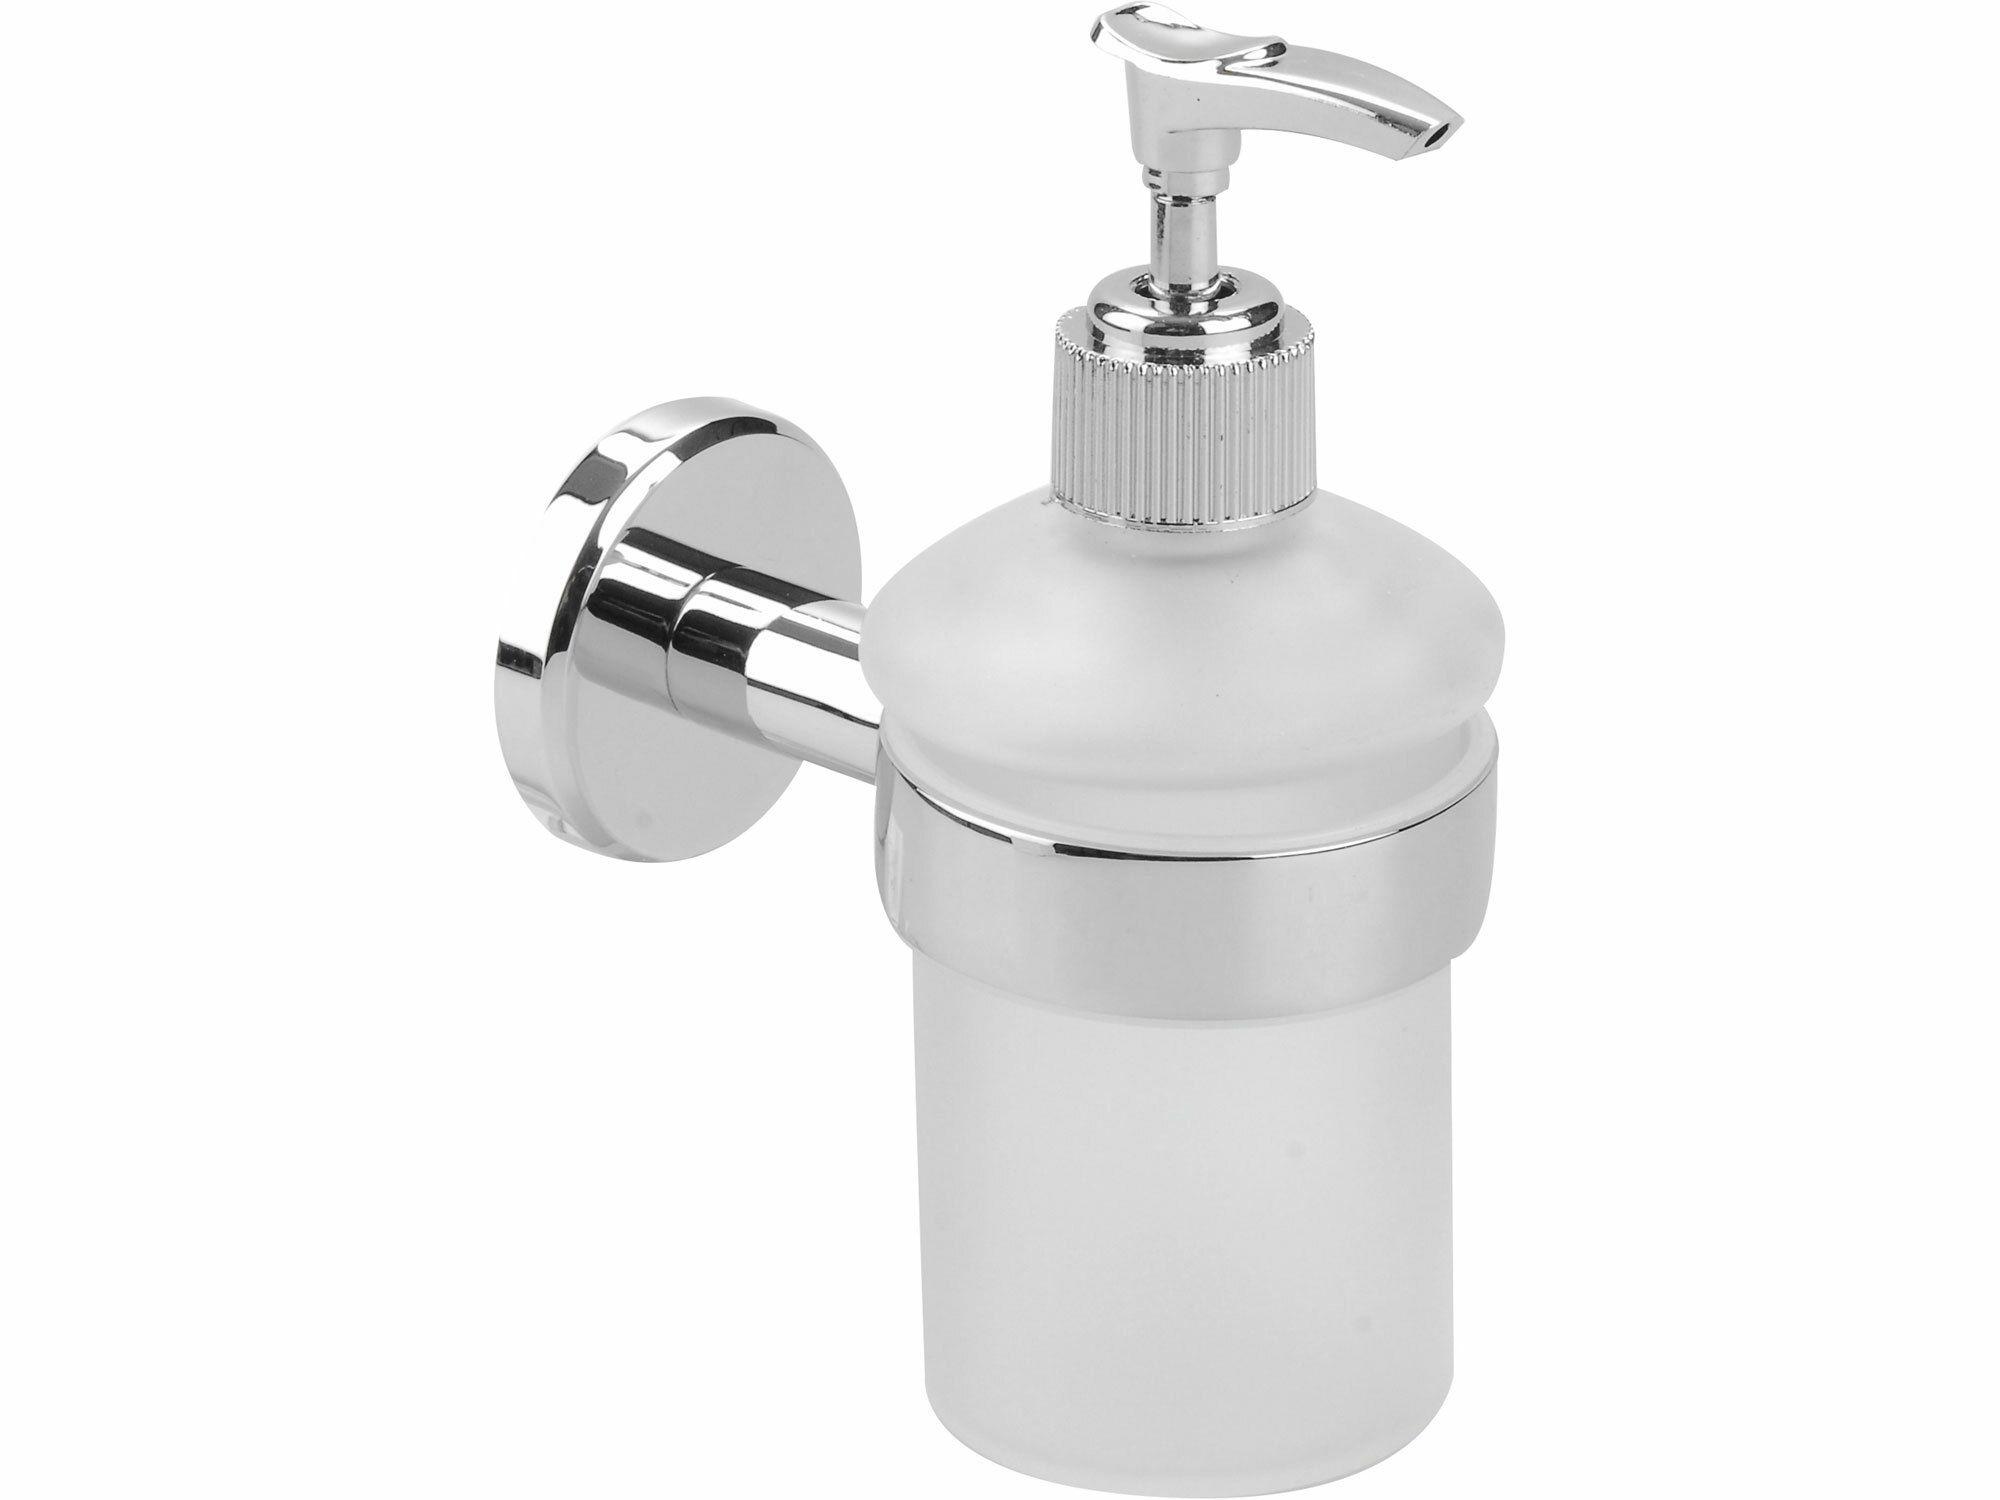 Dávkovač mýdla, 110x70x155mm, Chrom FRESHHH